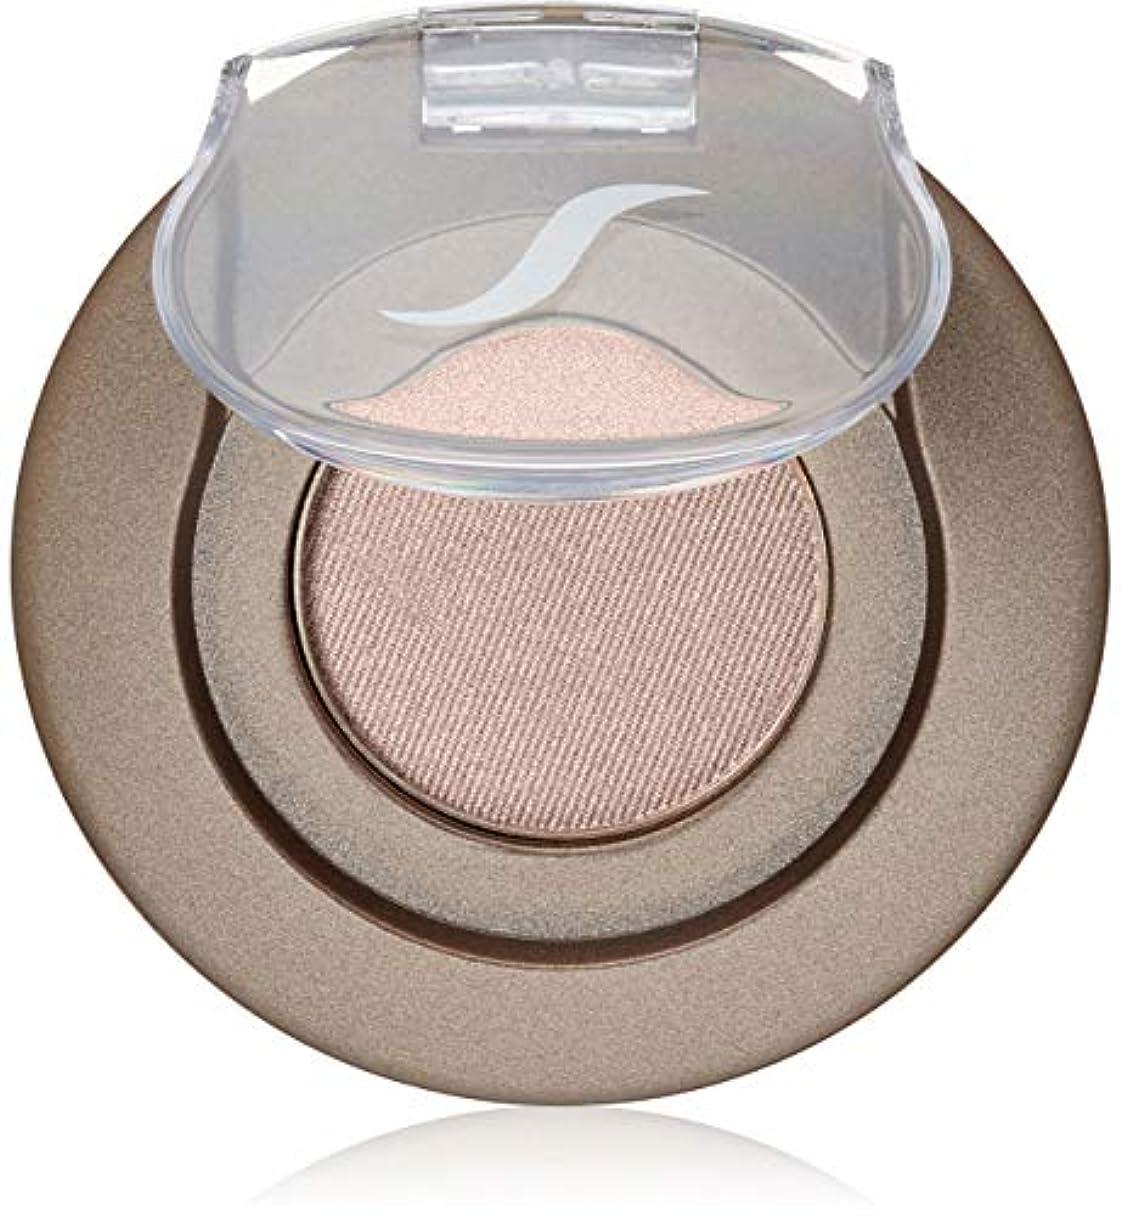 失用語集悪用Sorme' Treatment Cosmetics Sorme化粧品ミネラルボタニカルアイシャドー、0.05オンス 0.05オンス フラッシュ